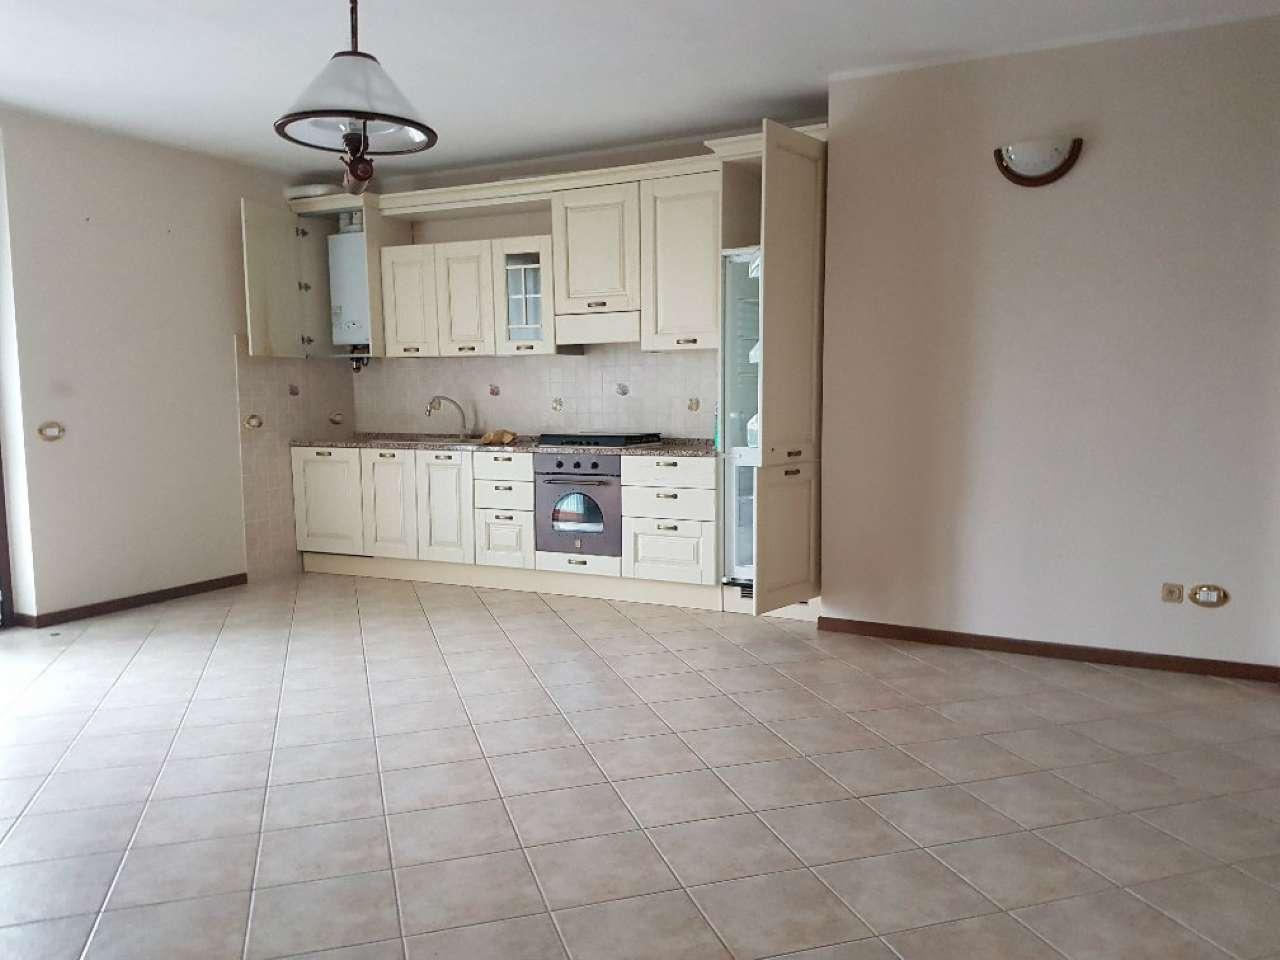 Appartamento in vendita a Vigolzone, 3 locali, prezzo € 128.000 | CambioCasa.it